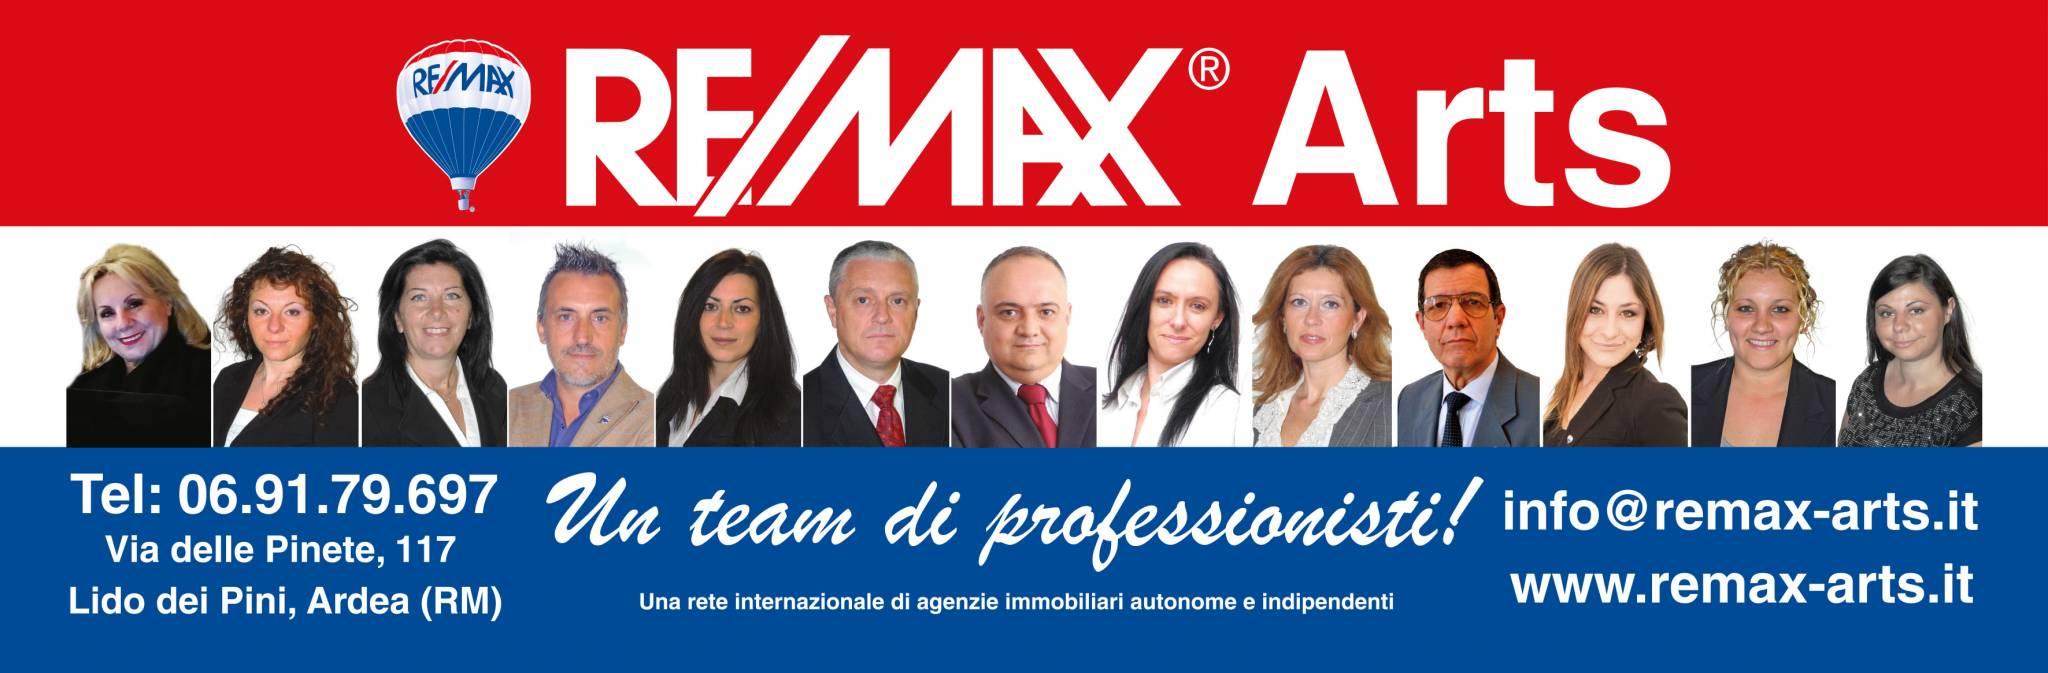 REMAX Arts